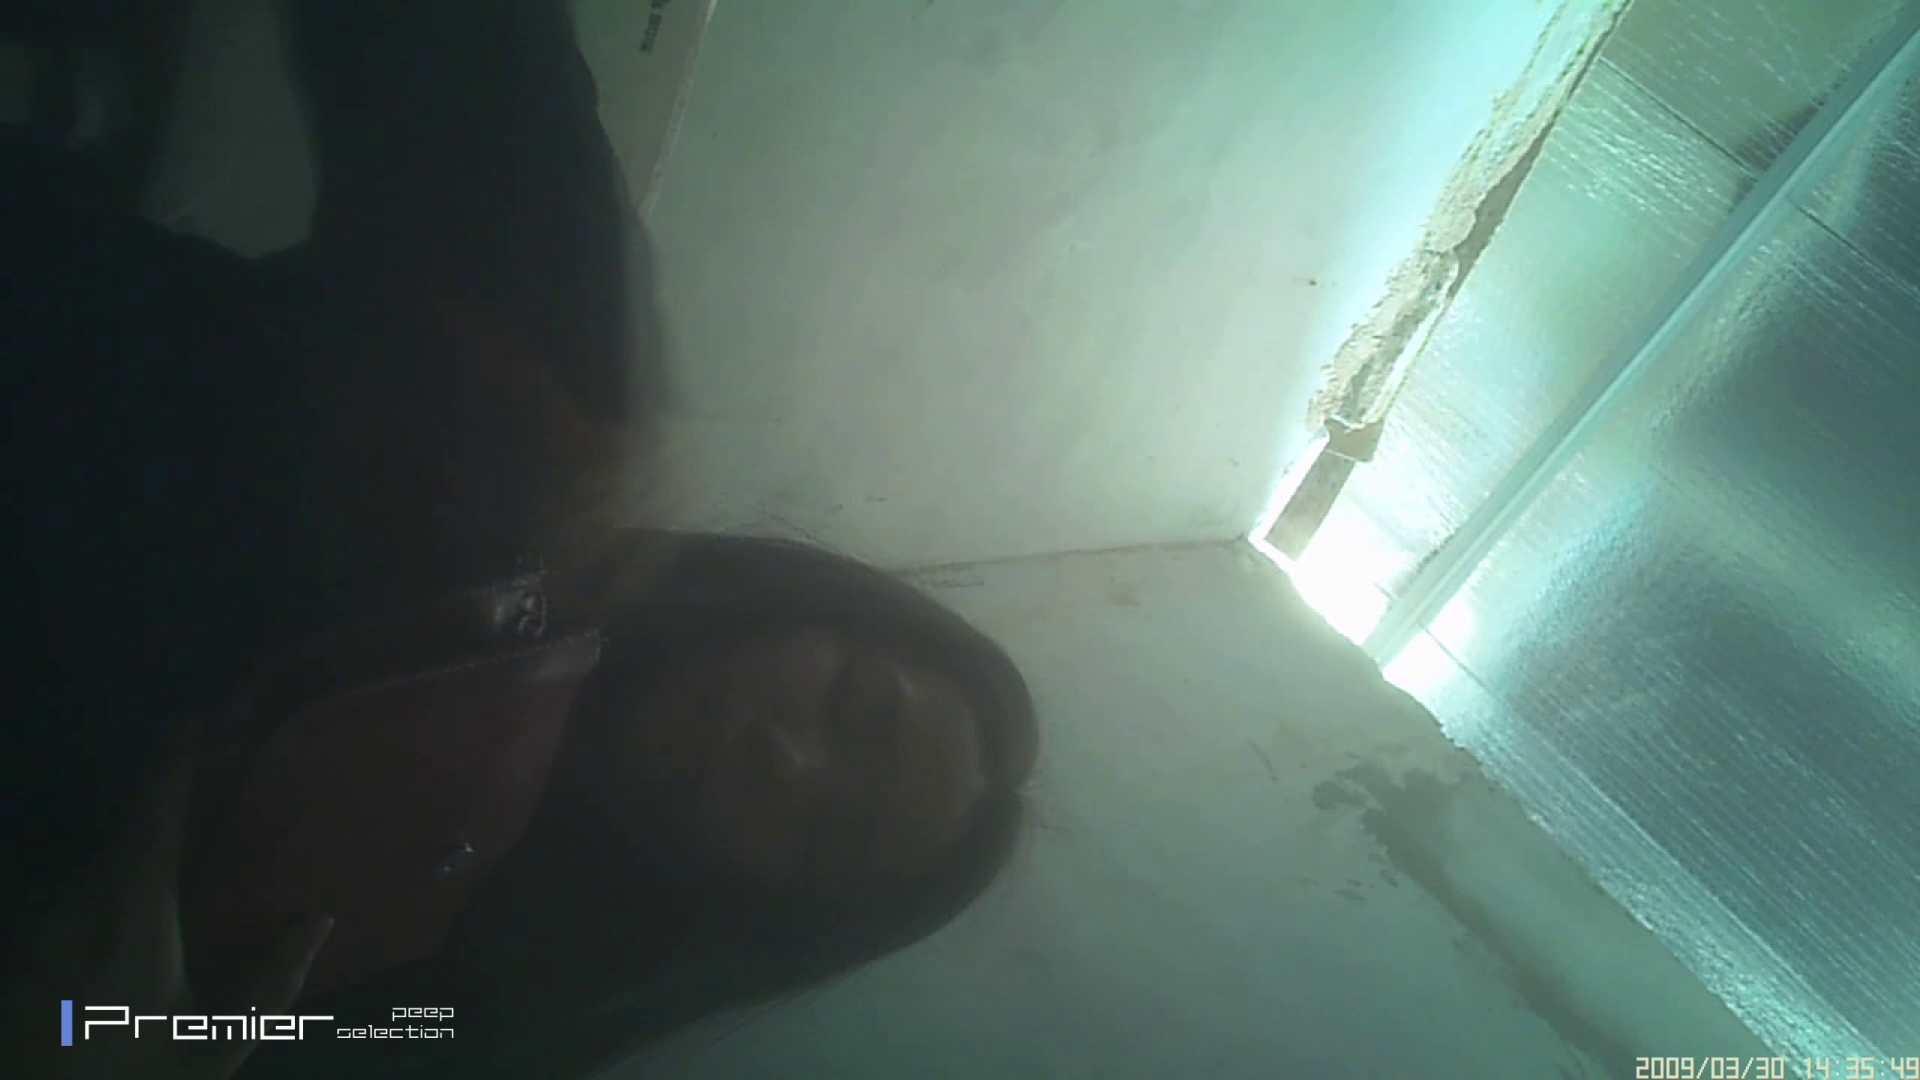 美女のパンチラ&トイレシーンを密着盗撮!! 盗撮コレクションVol.04 高評価 オメコ動画キャプチャ 54画像 36